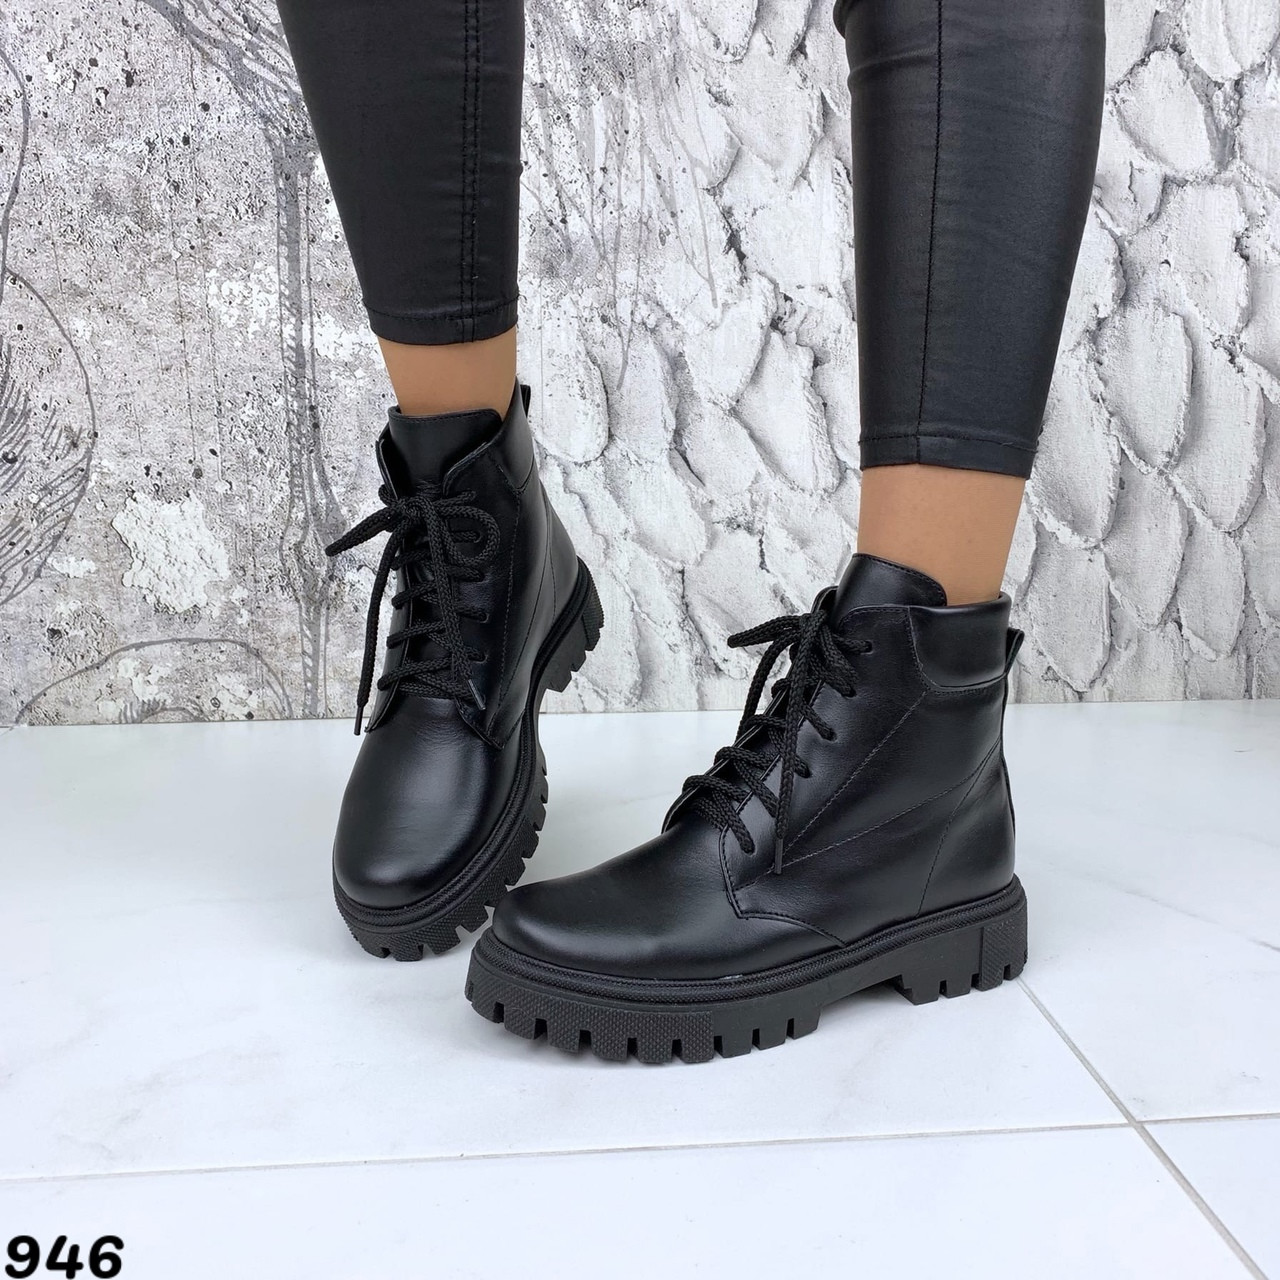 Ботинки женские зимние 946